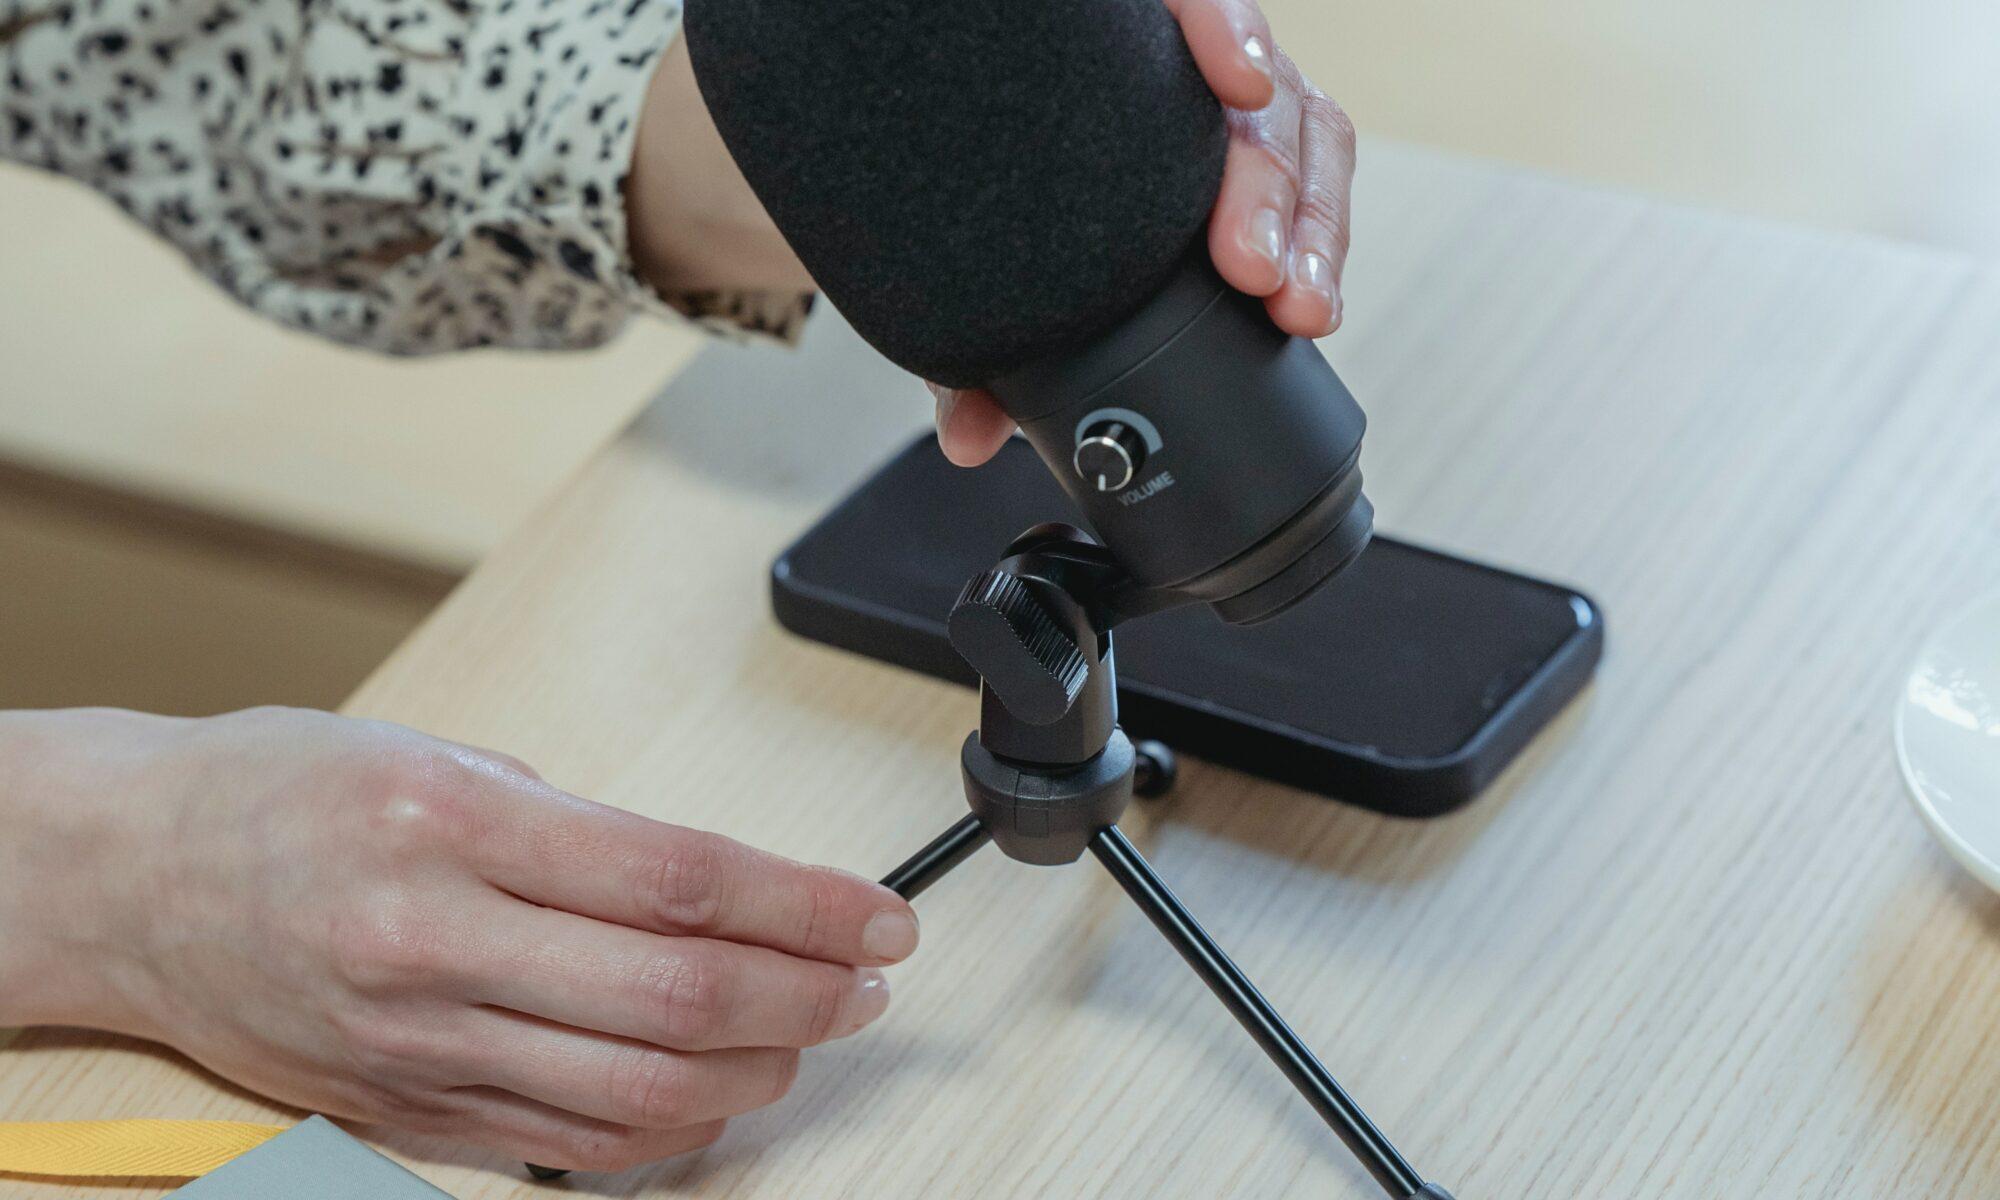 Mikrofon mit Heft und Stift